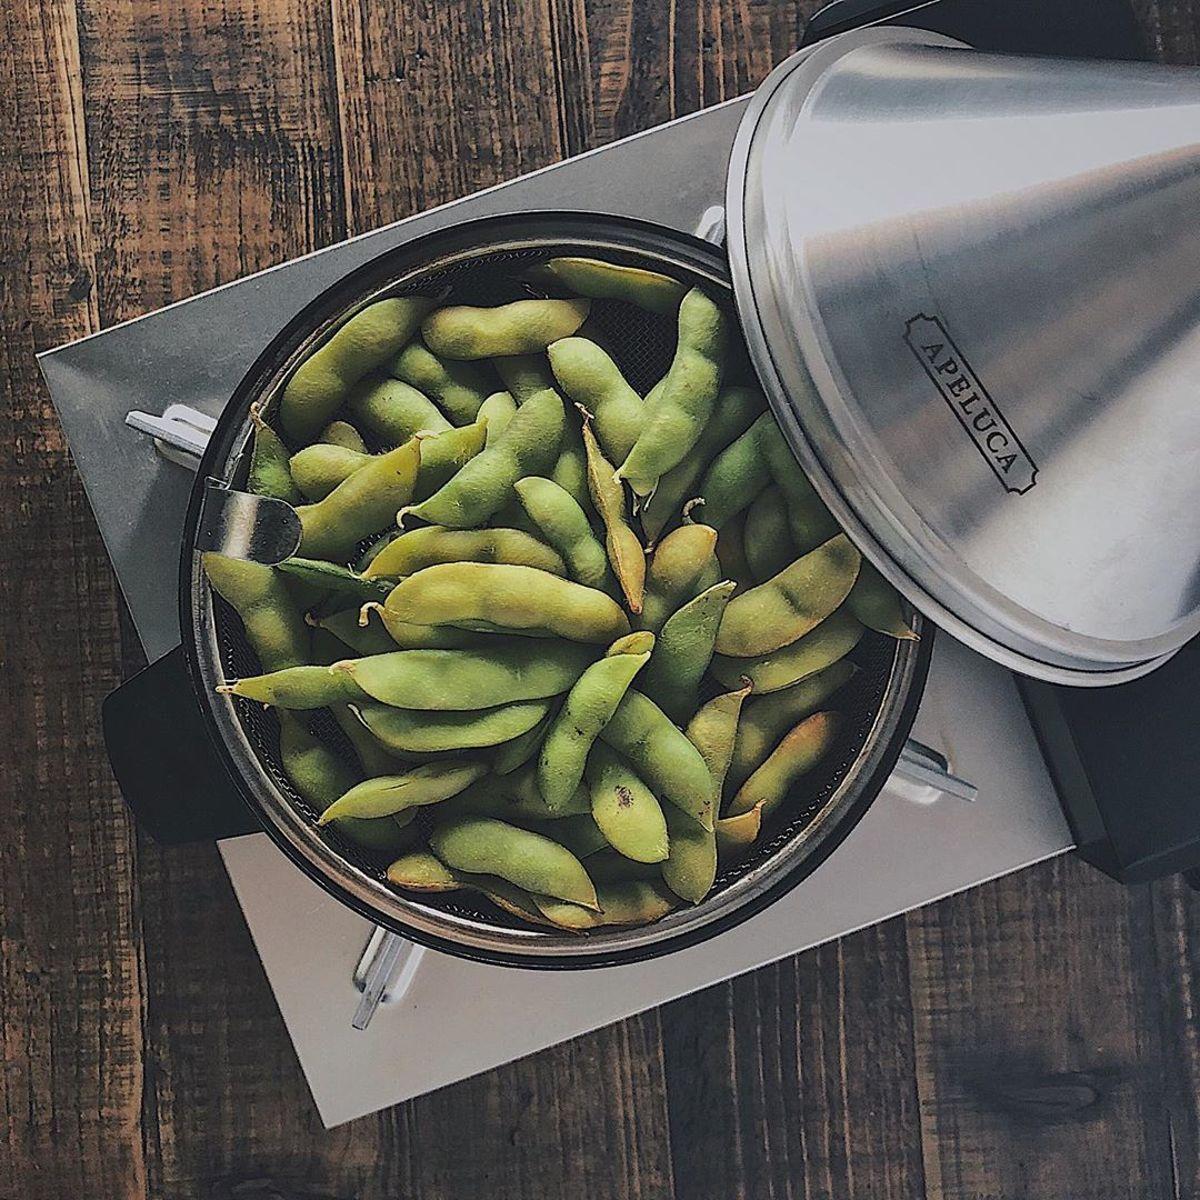 いつでもどこでも燻製三昧|最短10分で美味しい燻製が完成、コンパクトなのに本格的な燻製機|APELUCA